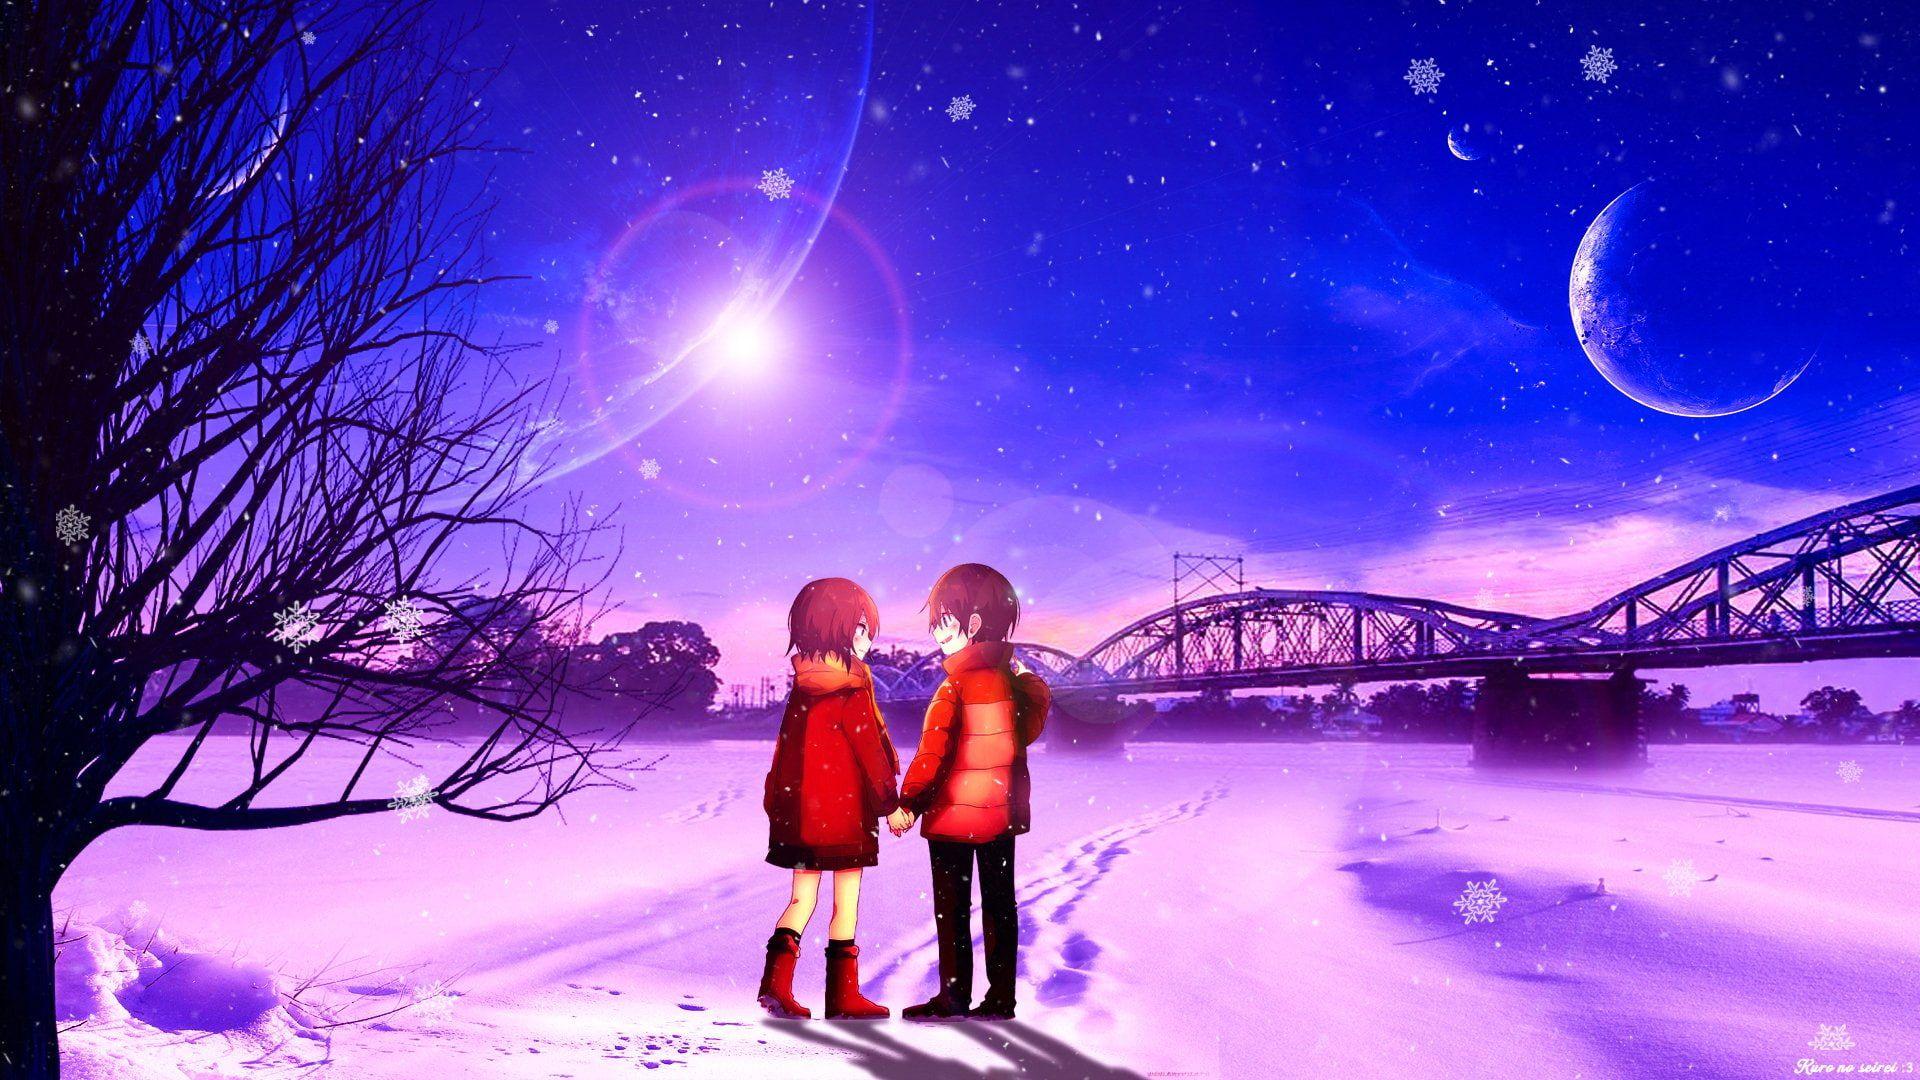 Anime Erased Boku Dake Ga Inai Machi Kayo Hinazuki Satoru Fujinuma 1080p Wallpaper Hdwallpaper Desktop In 2021 Wallpaper Anime Wallpaper Purple Wallpaper